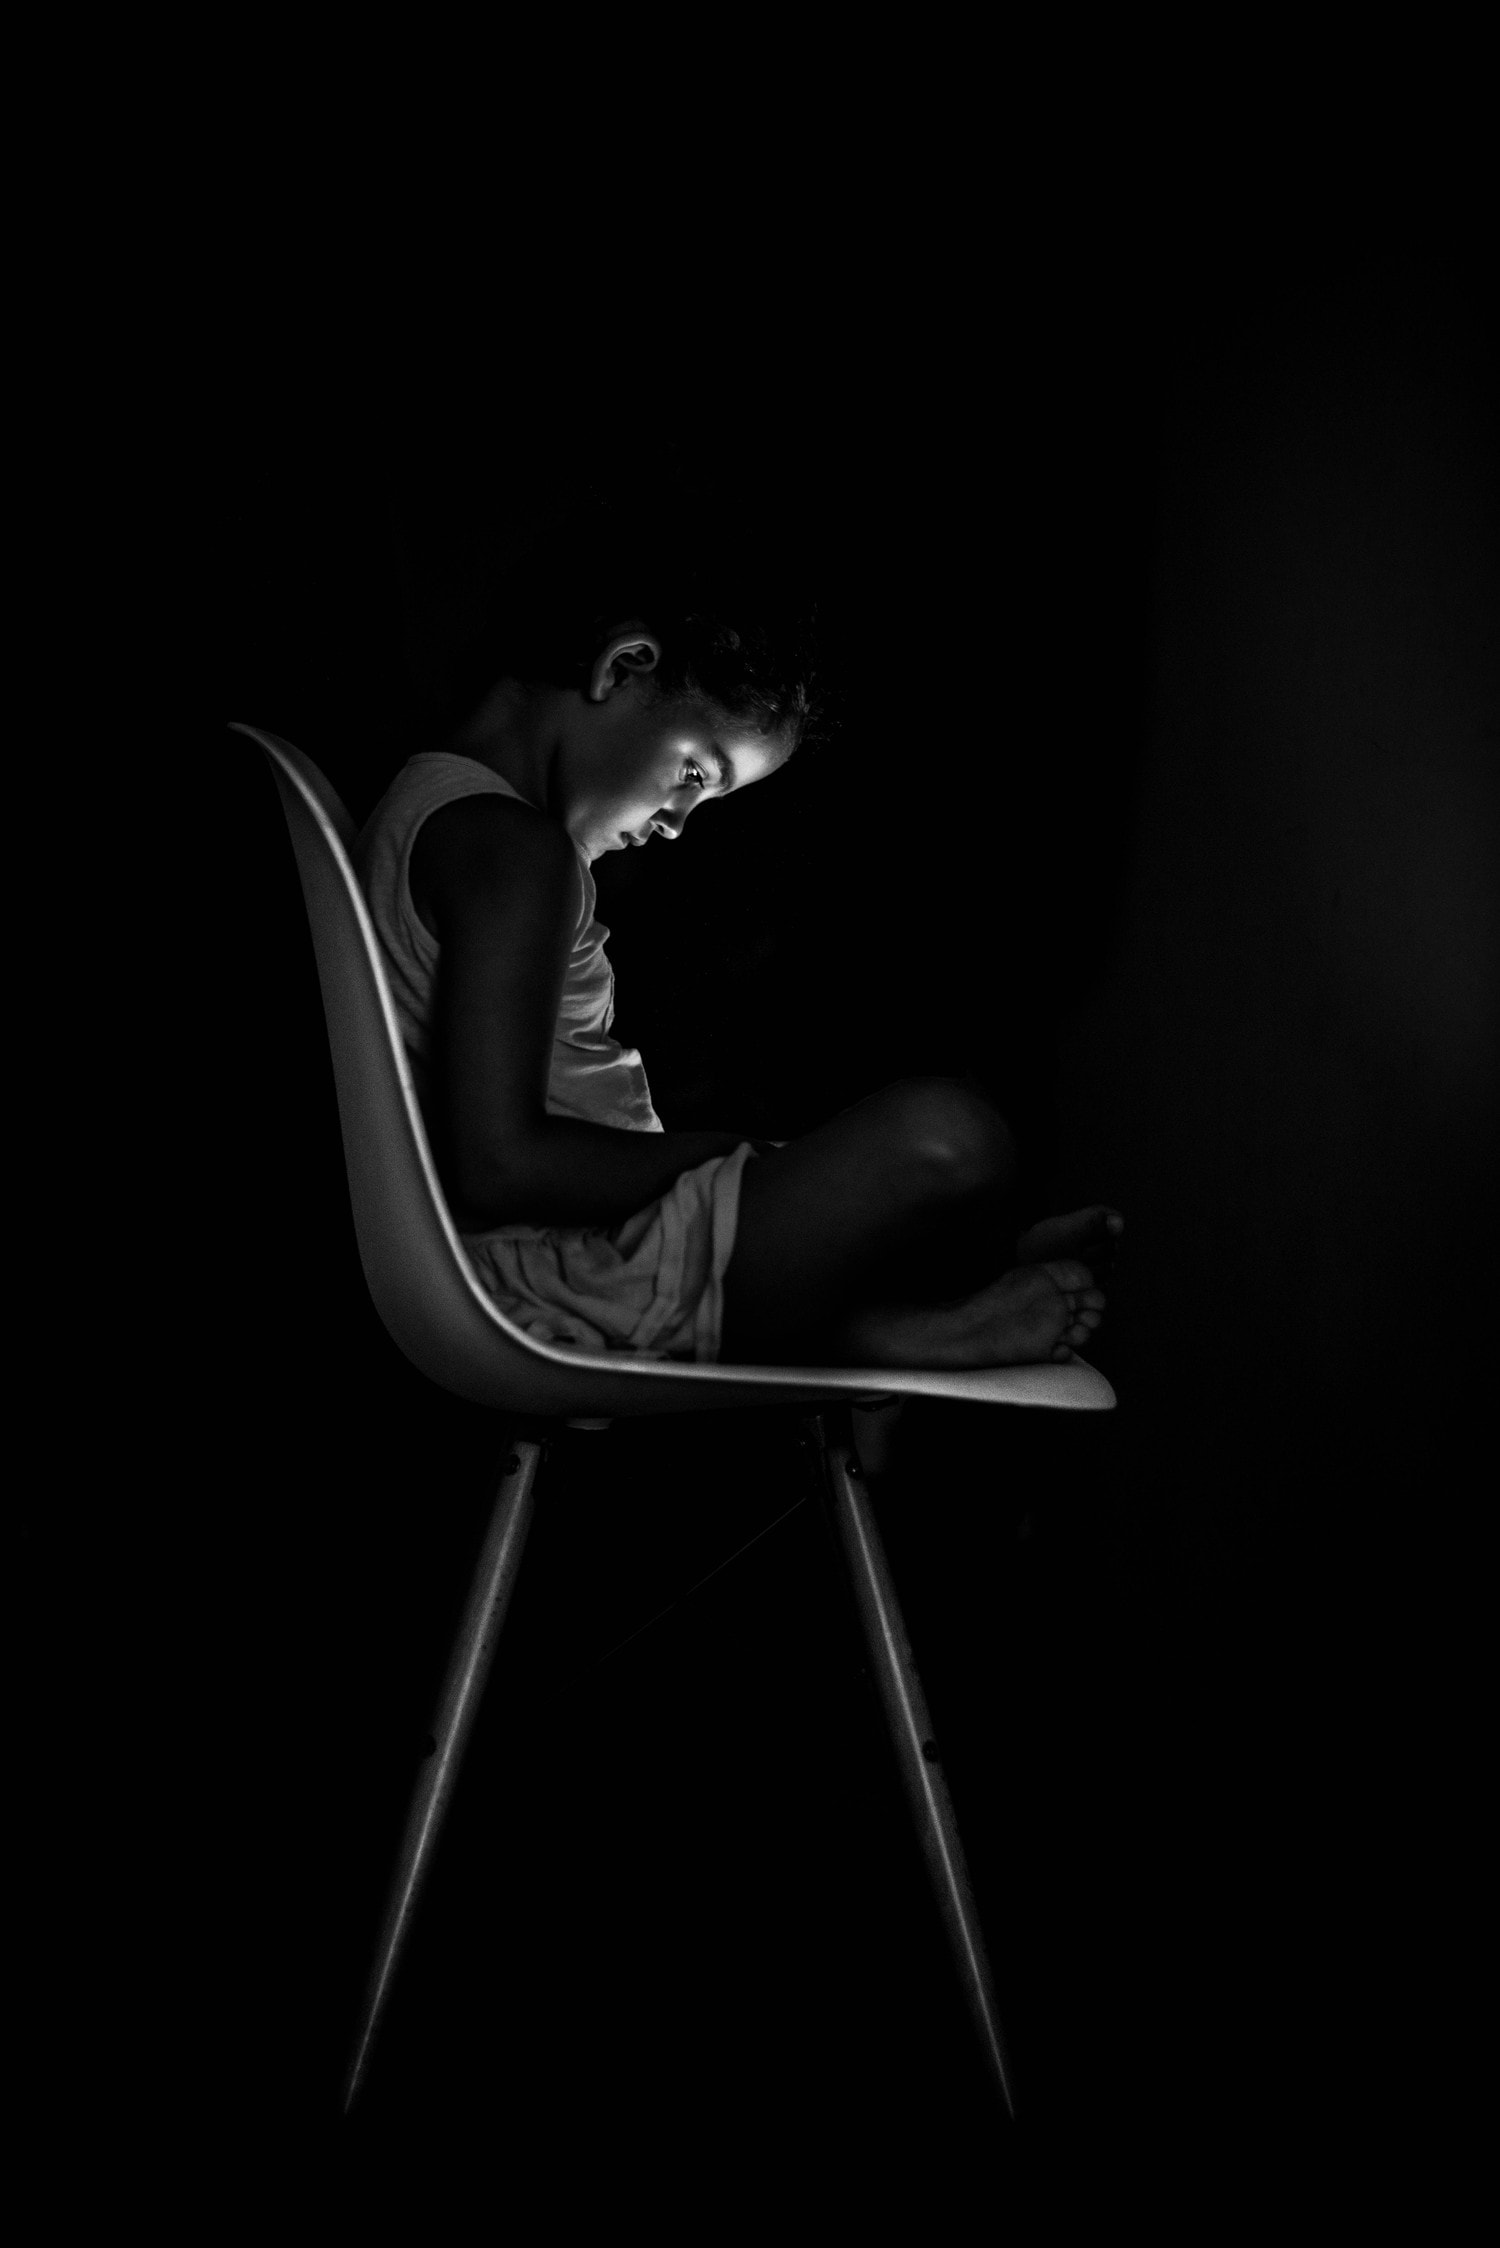 fotografía en blanco y negro de un niño con un móvil